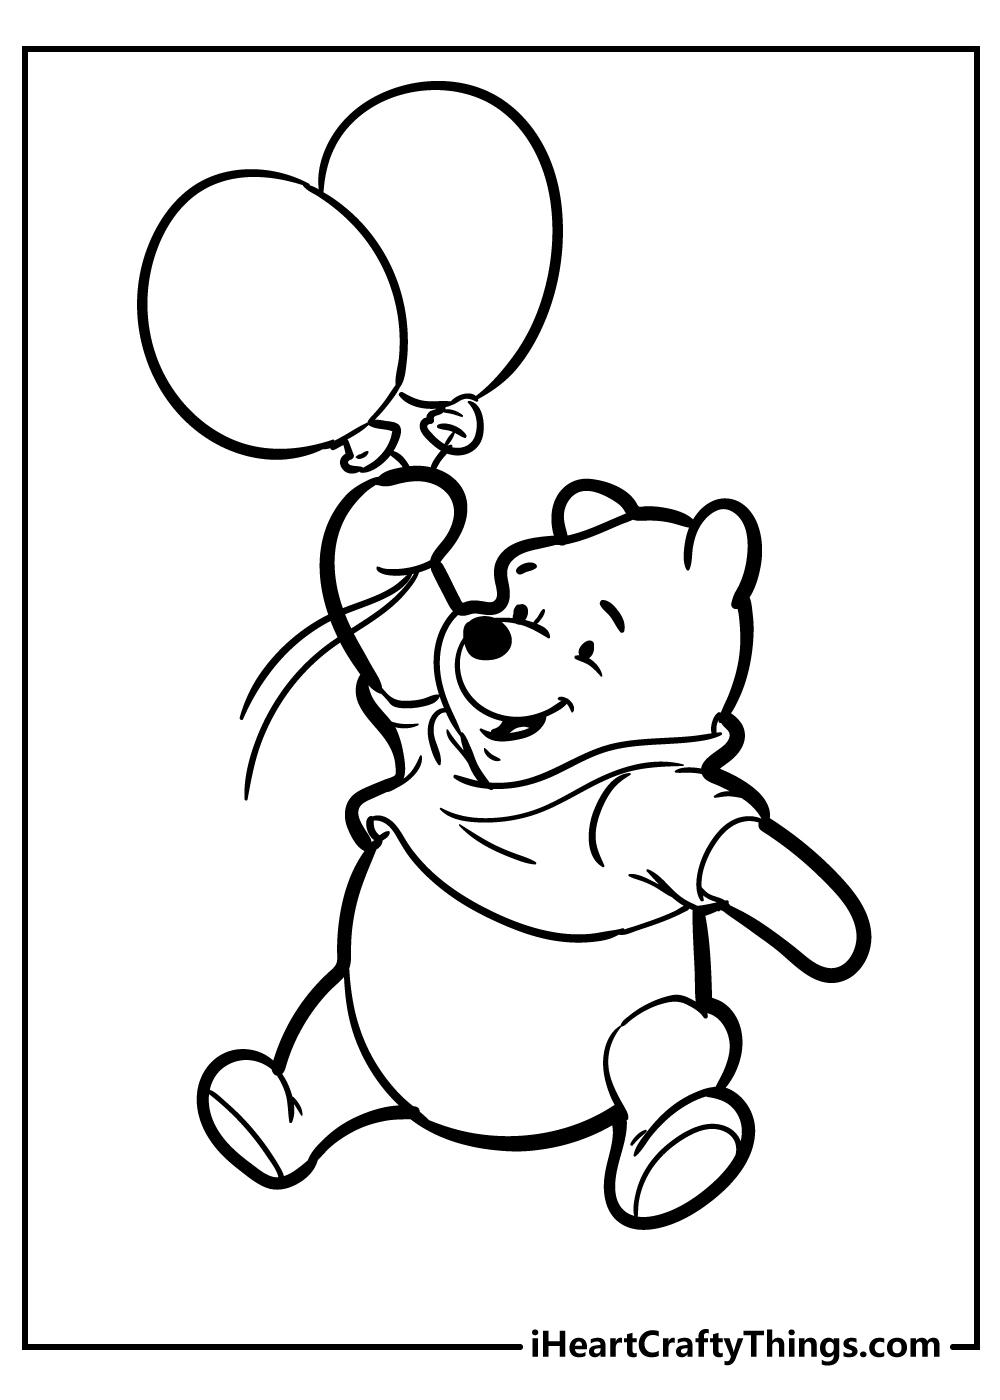 free printable pooh bear coloring sheets